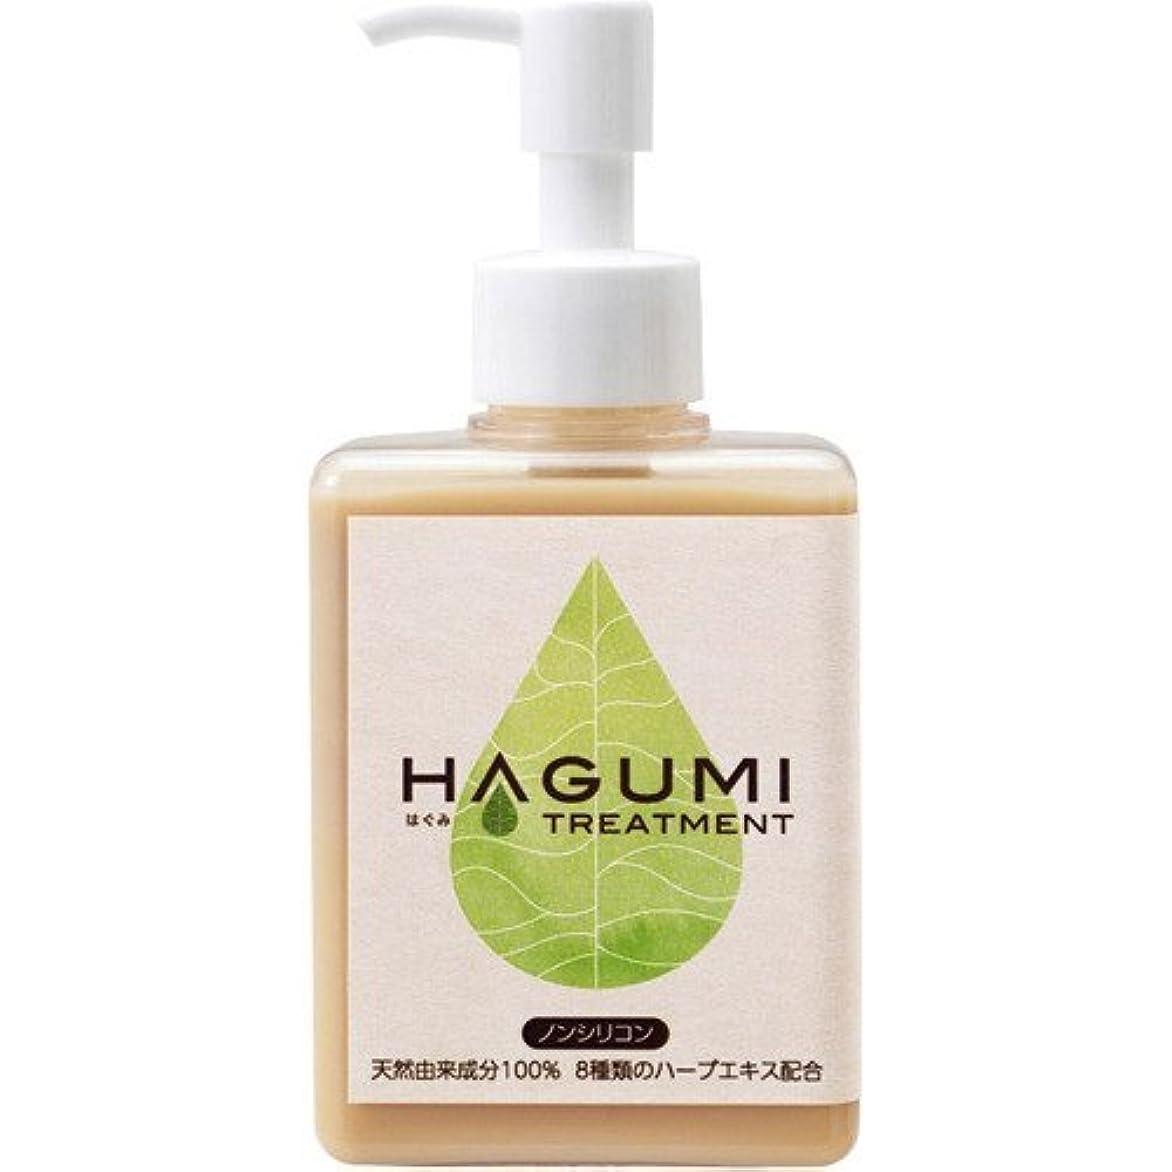 便益注目すべき動員するHAGUMI(ハグミ) トリートメント 200ml